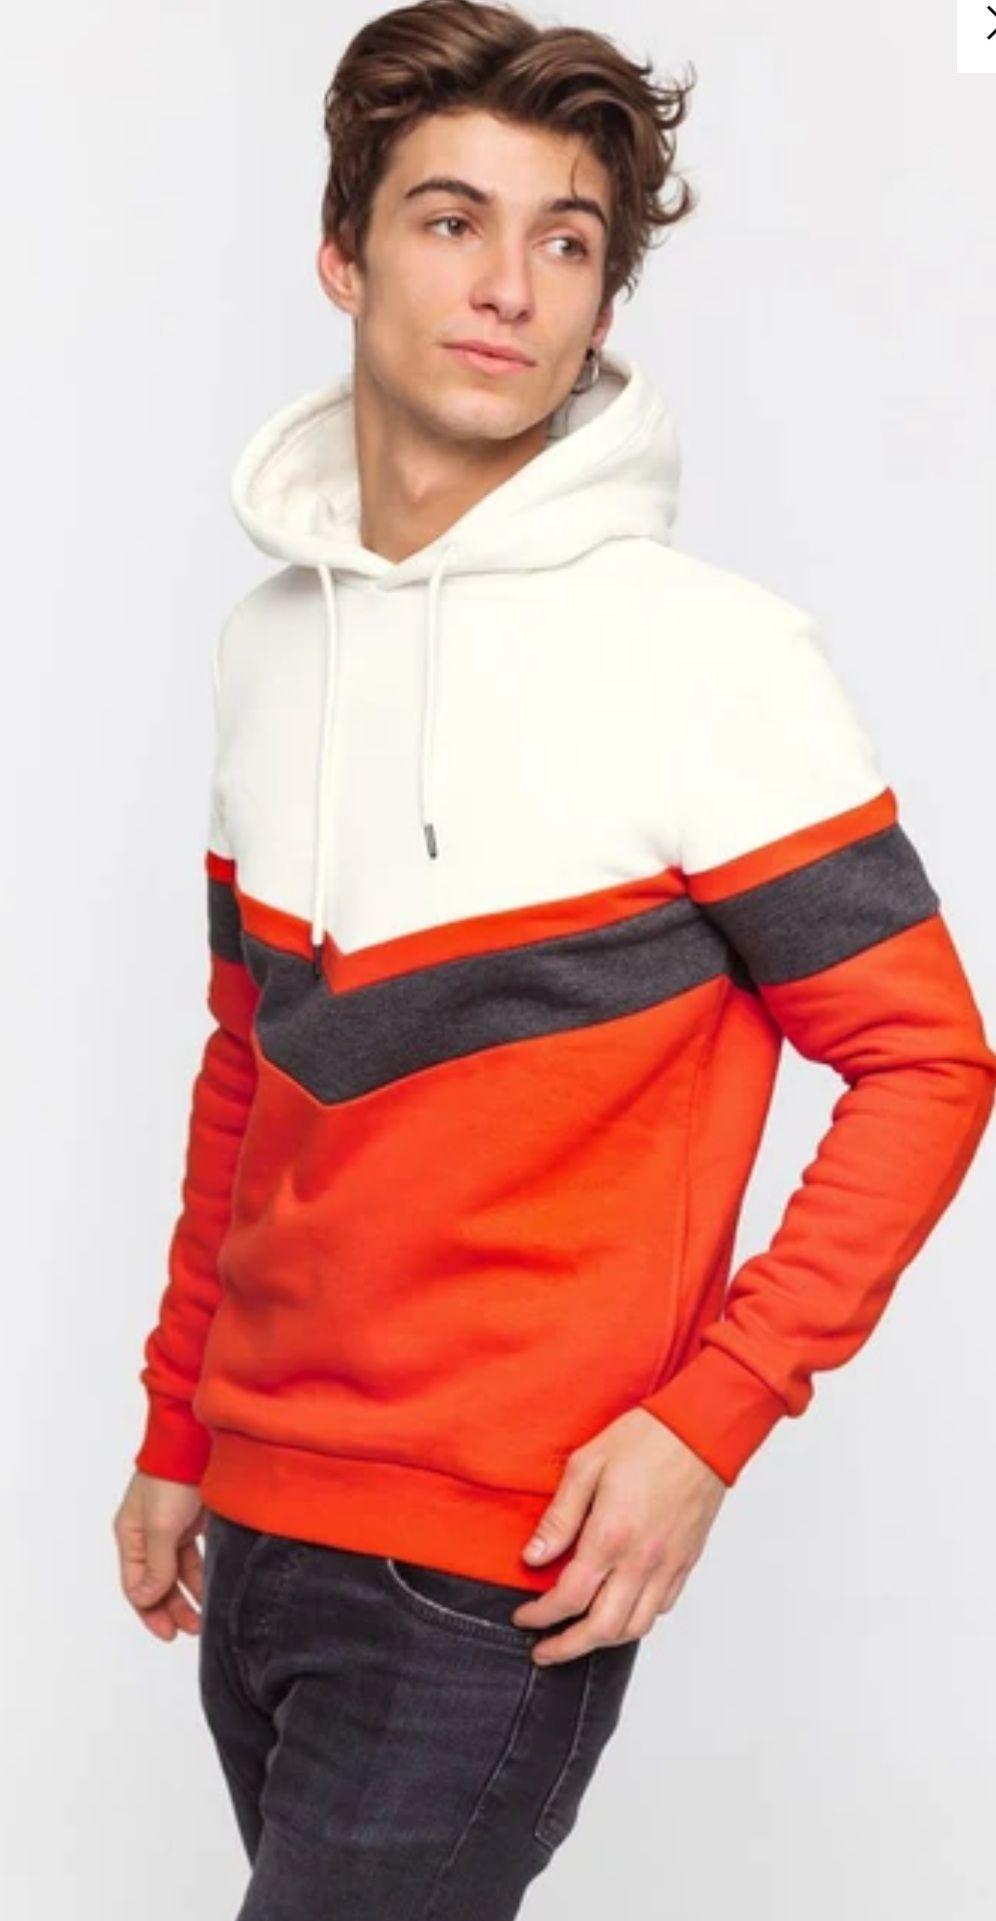 Sweat homme Bizzbee colorblock V - Orange, Taille XS au L